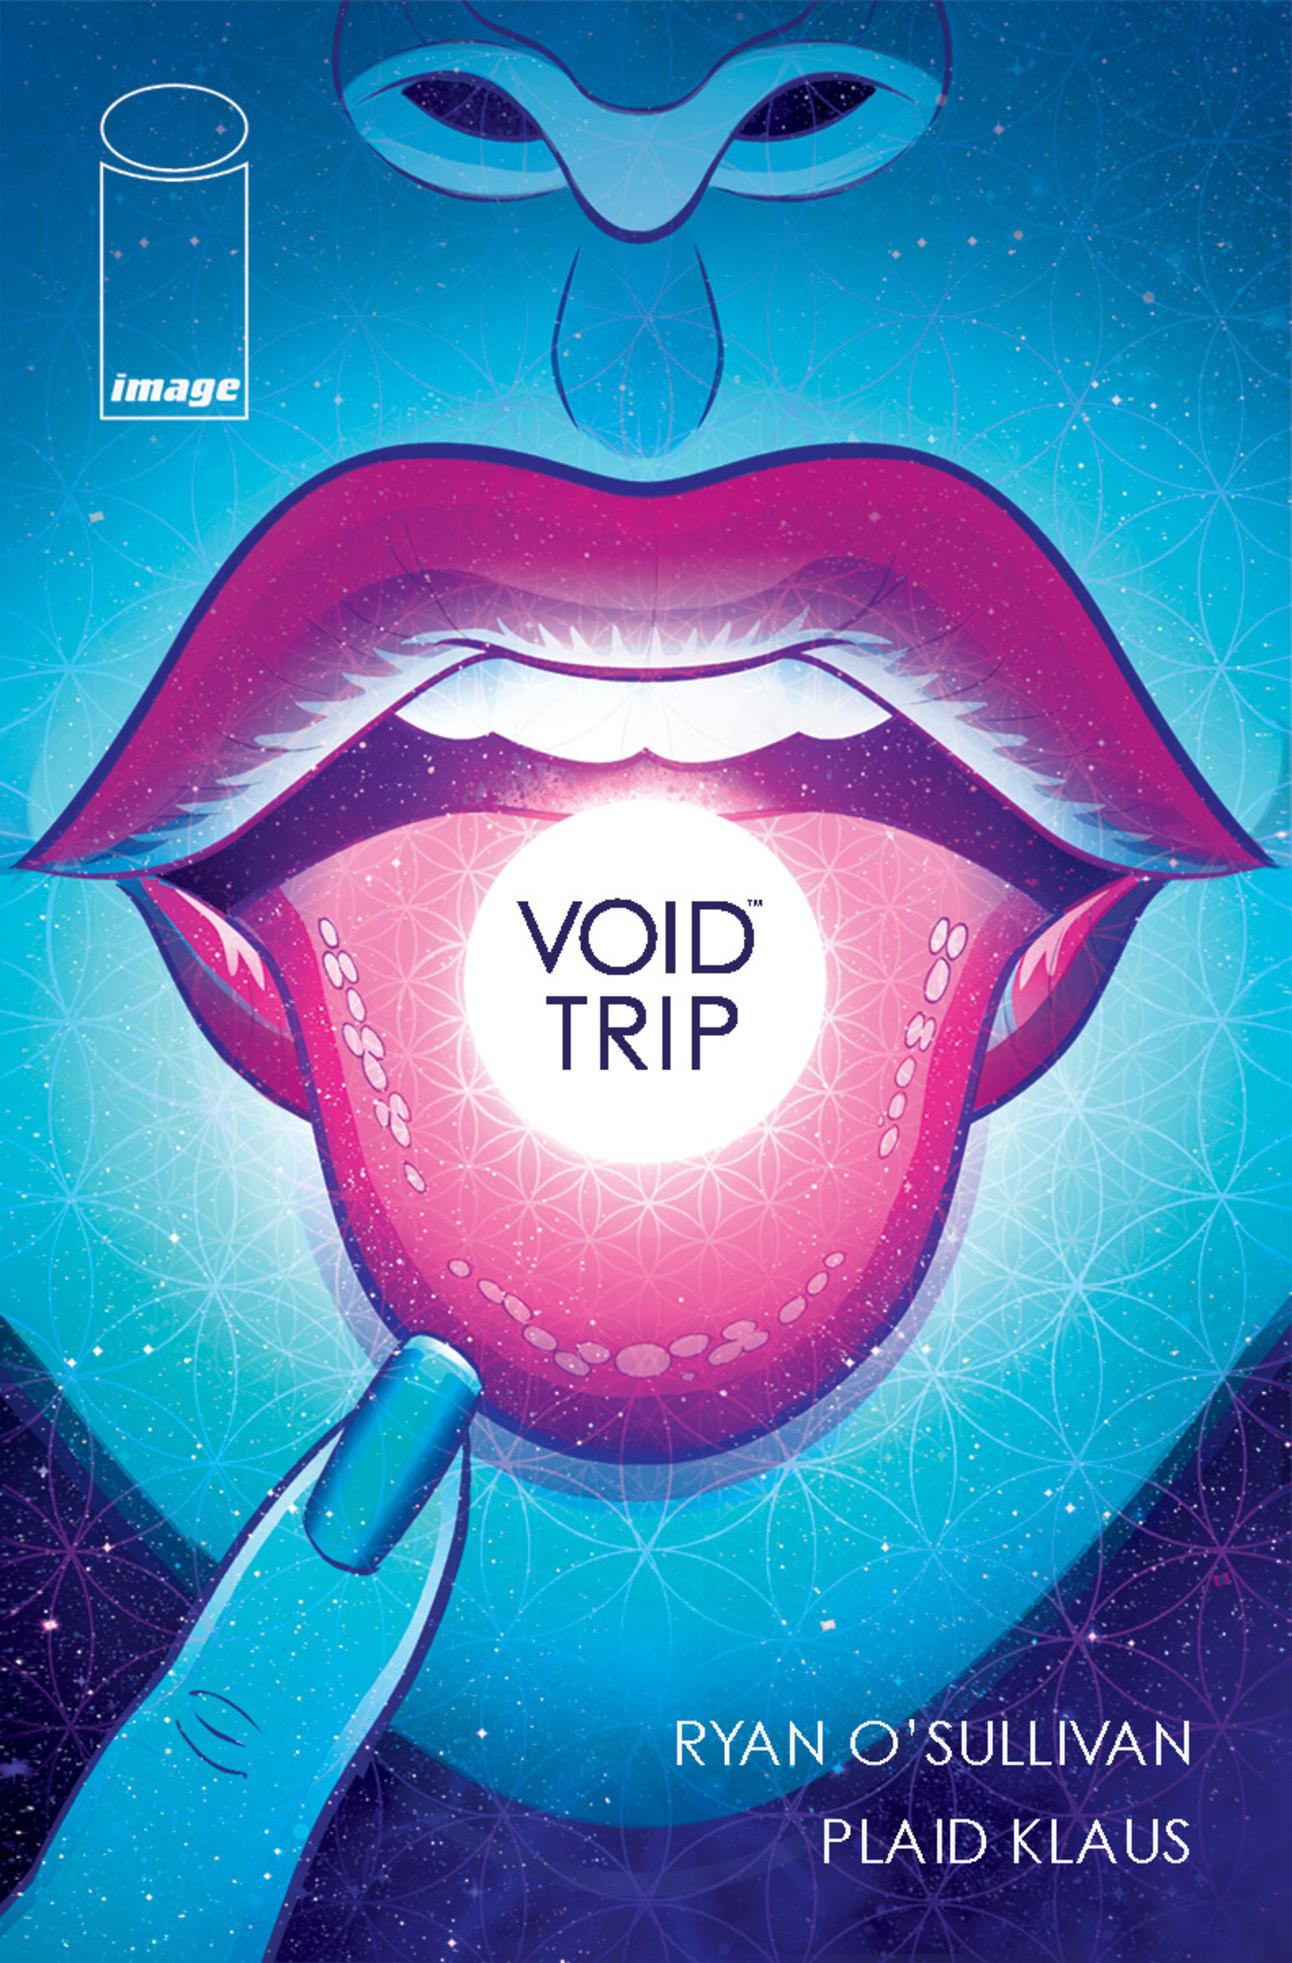 voidtrip_03.jpg